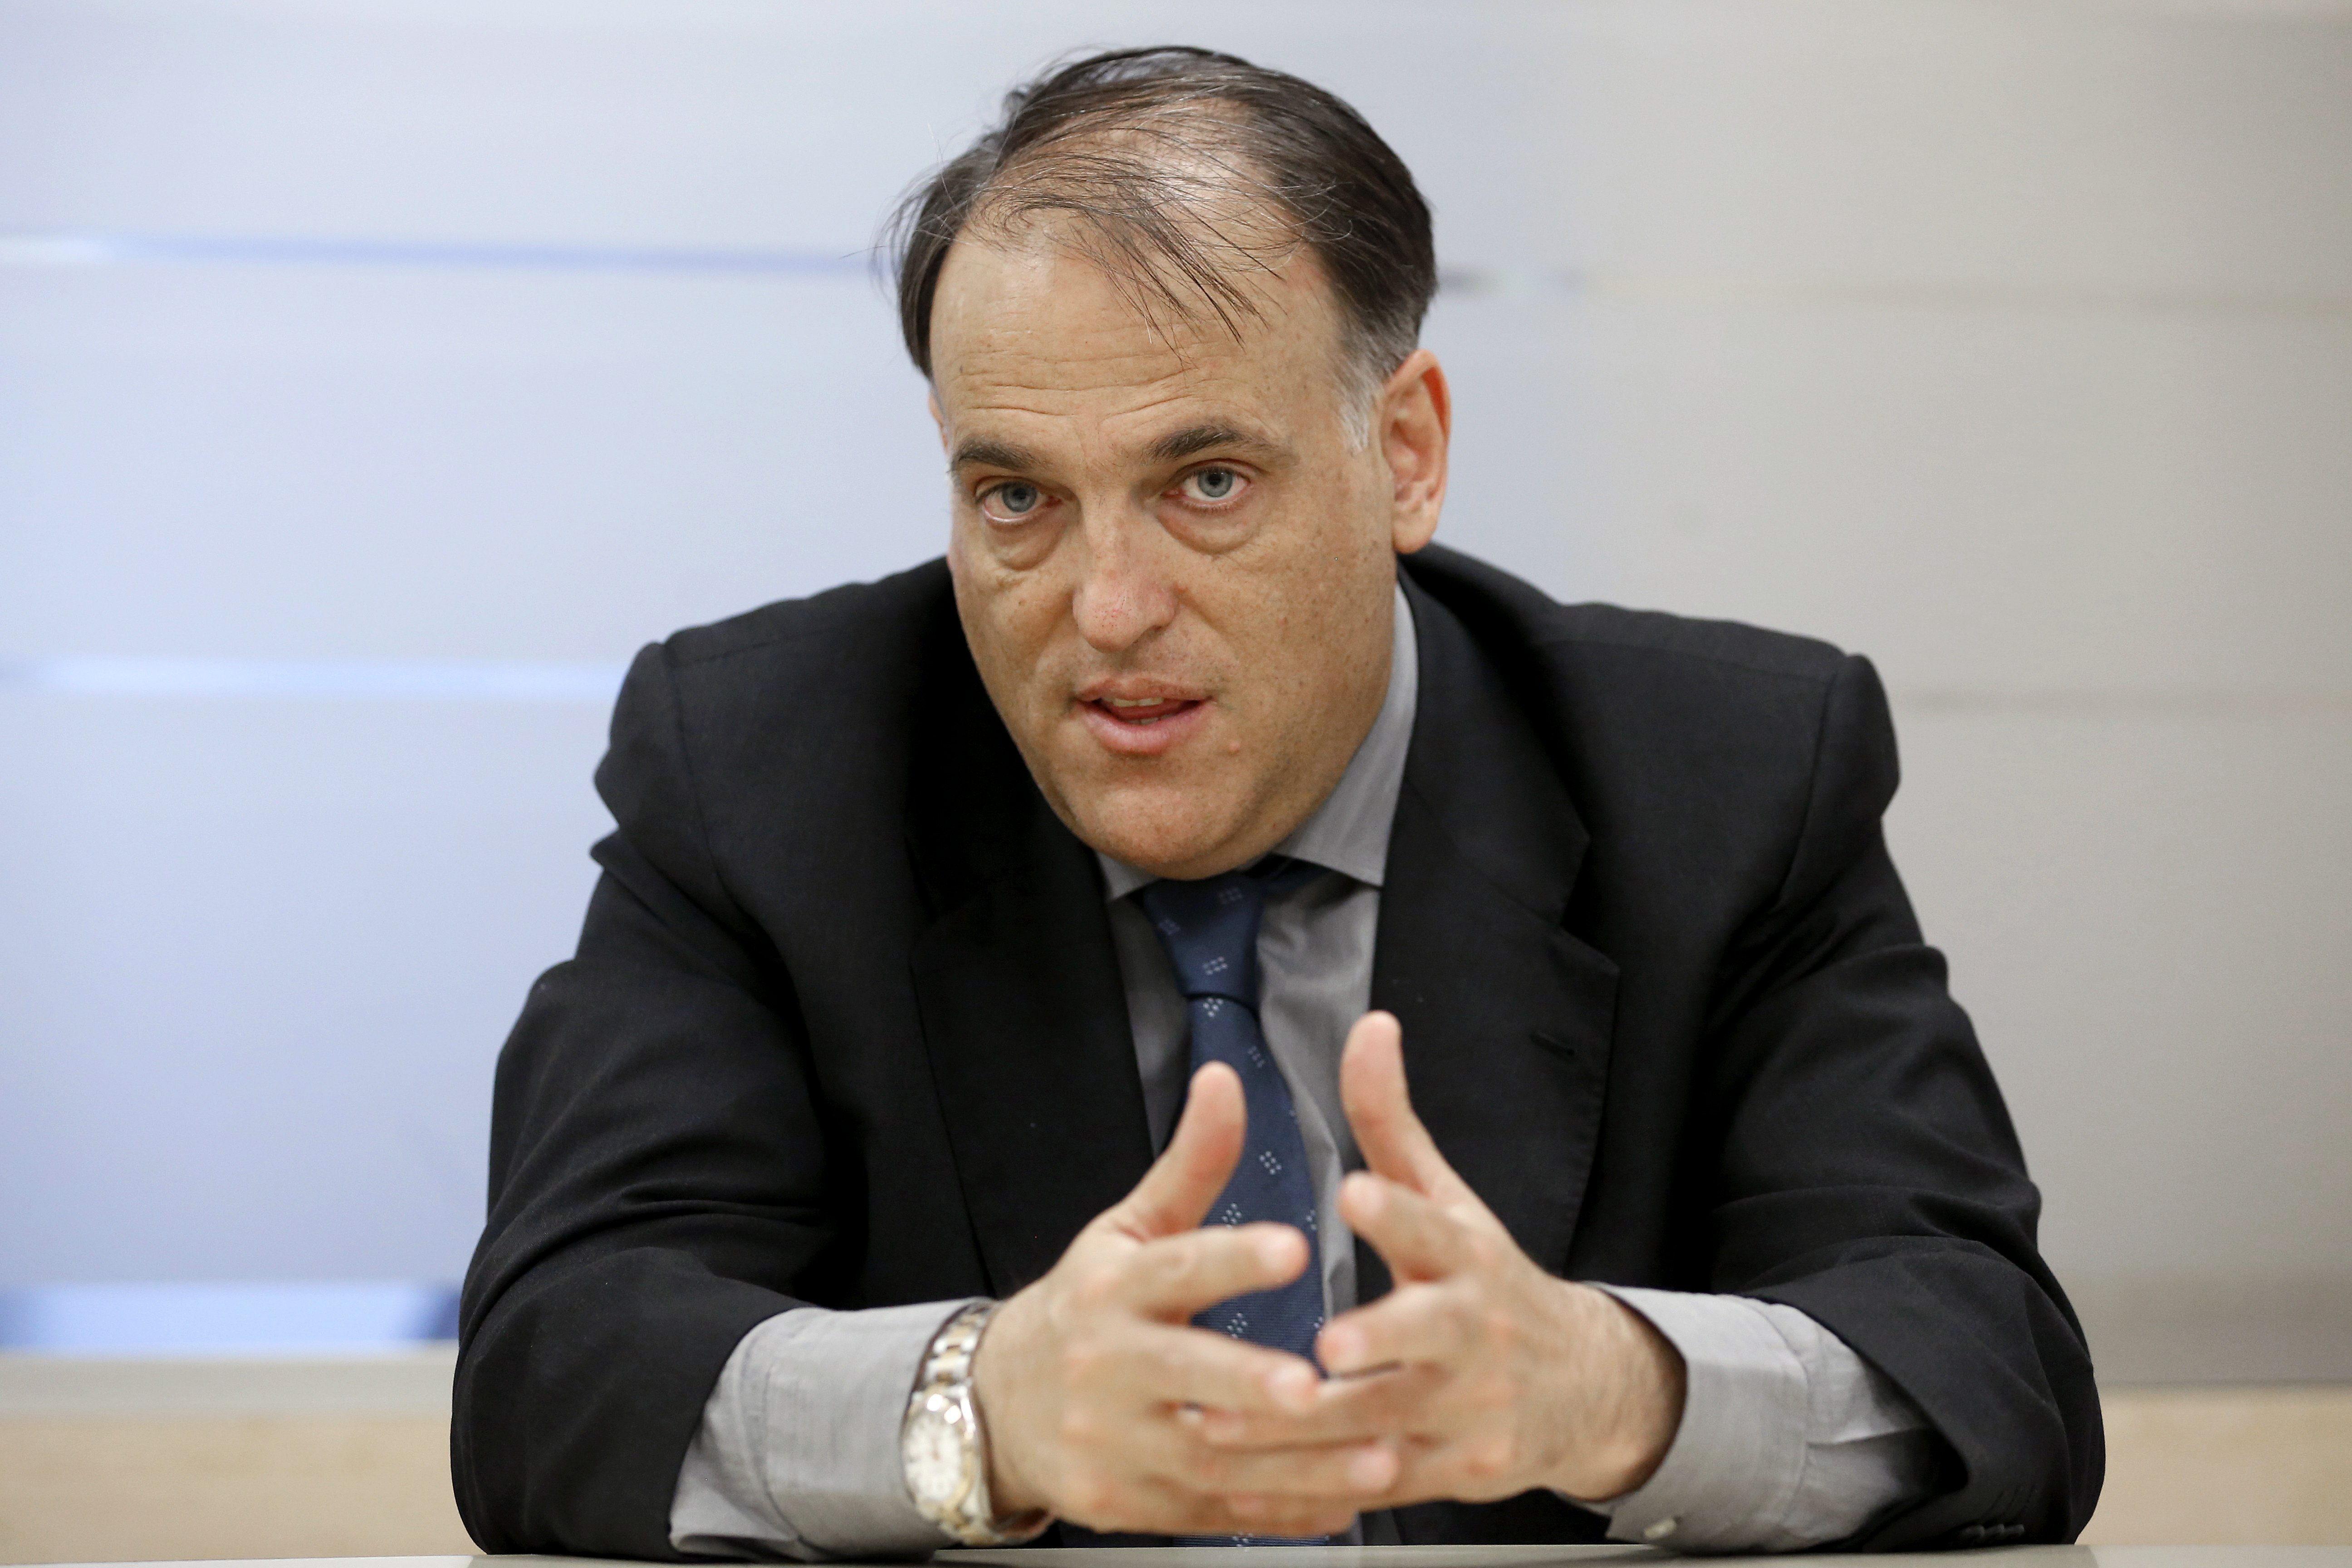 El fútbol español tiene una deuda de 3.600 millones de euros